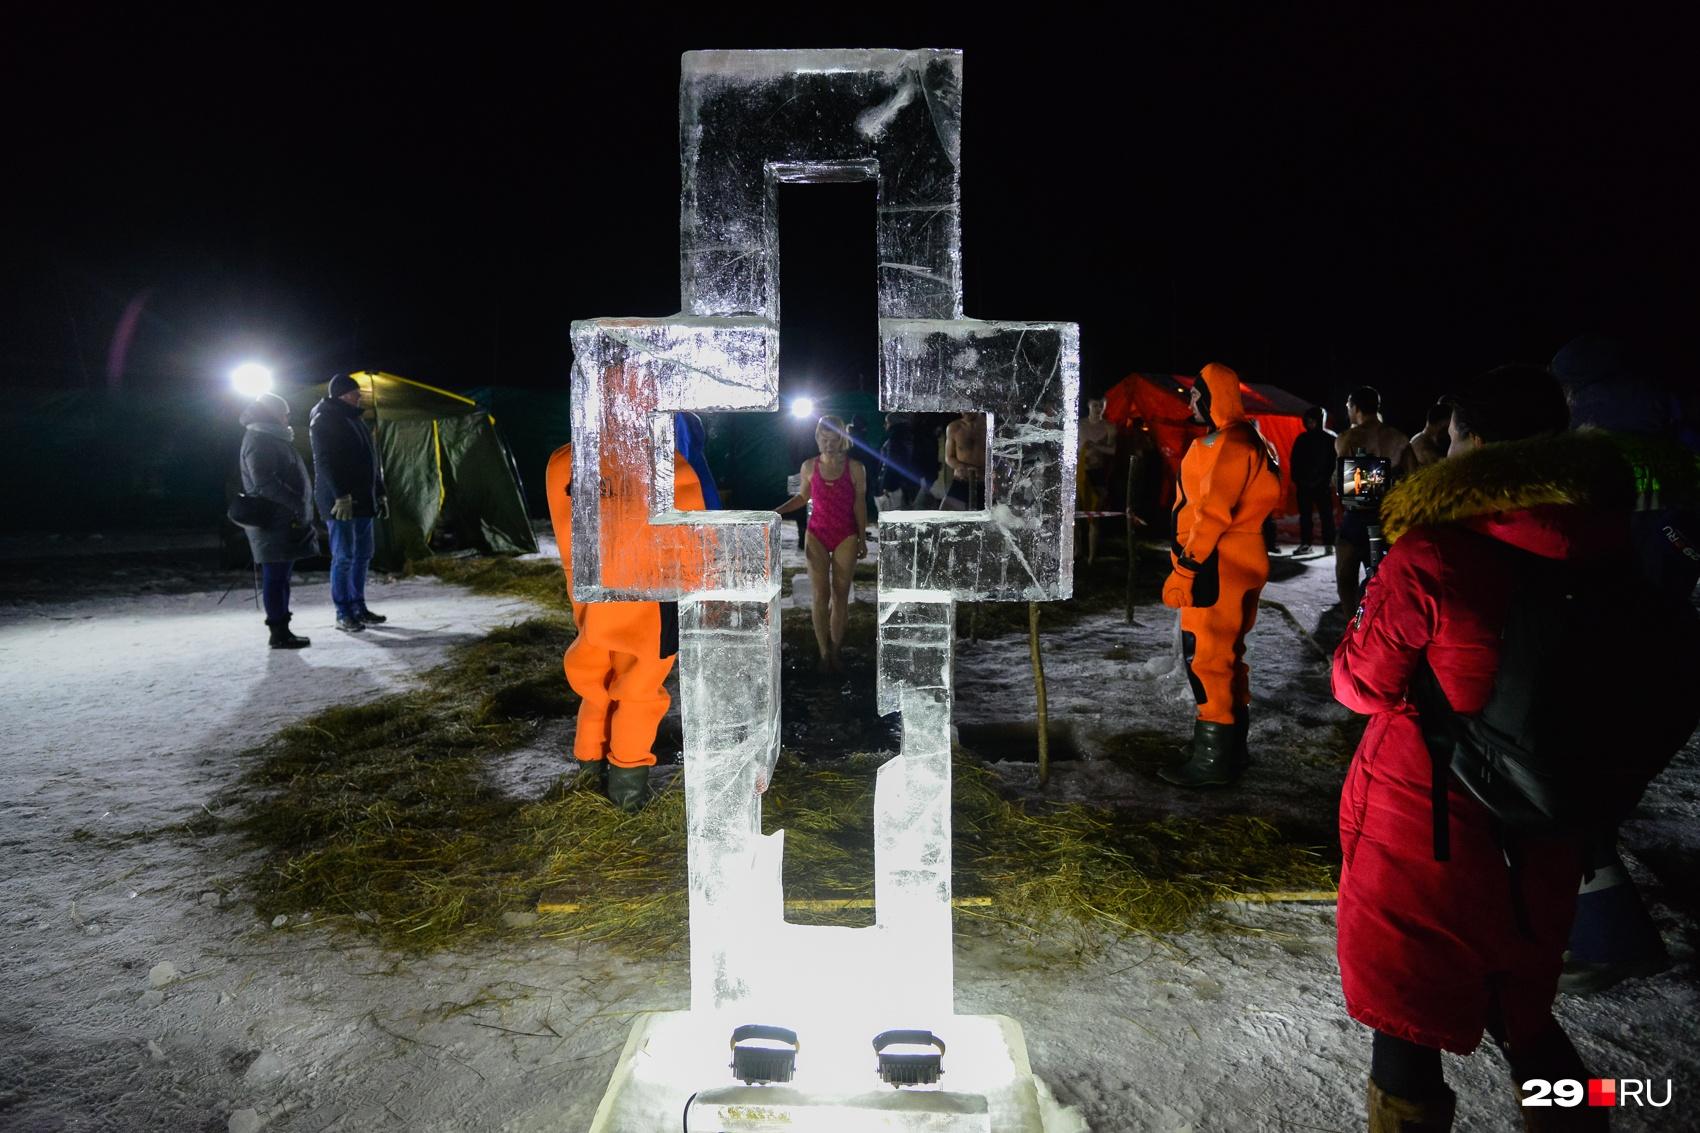 Как и в предыдущие годы, изо льда Северной Двины выпилили прозрачный крест